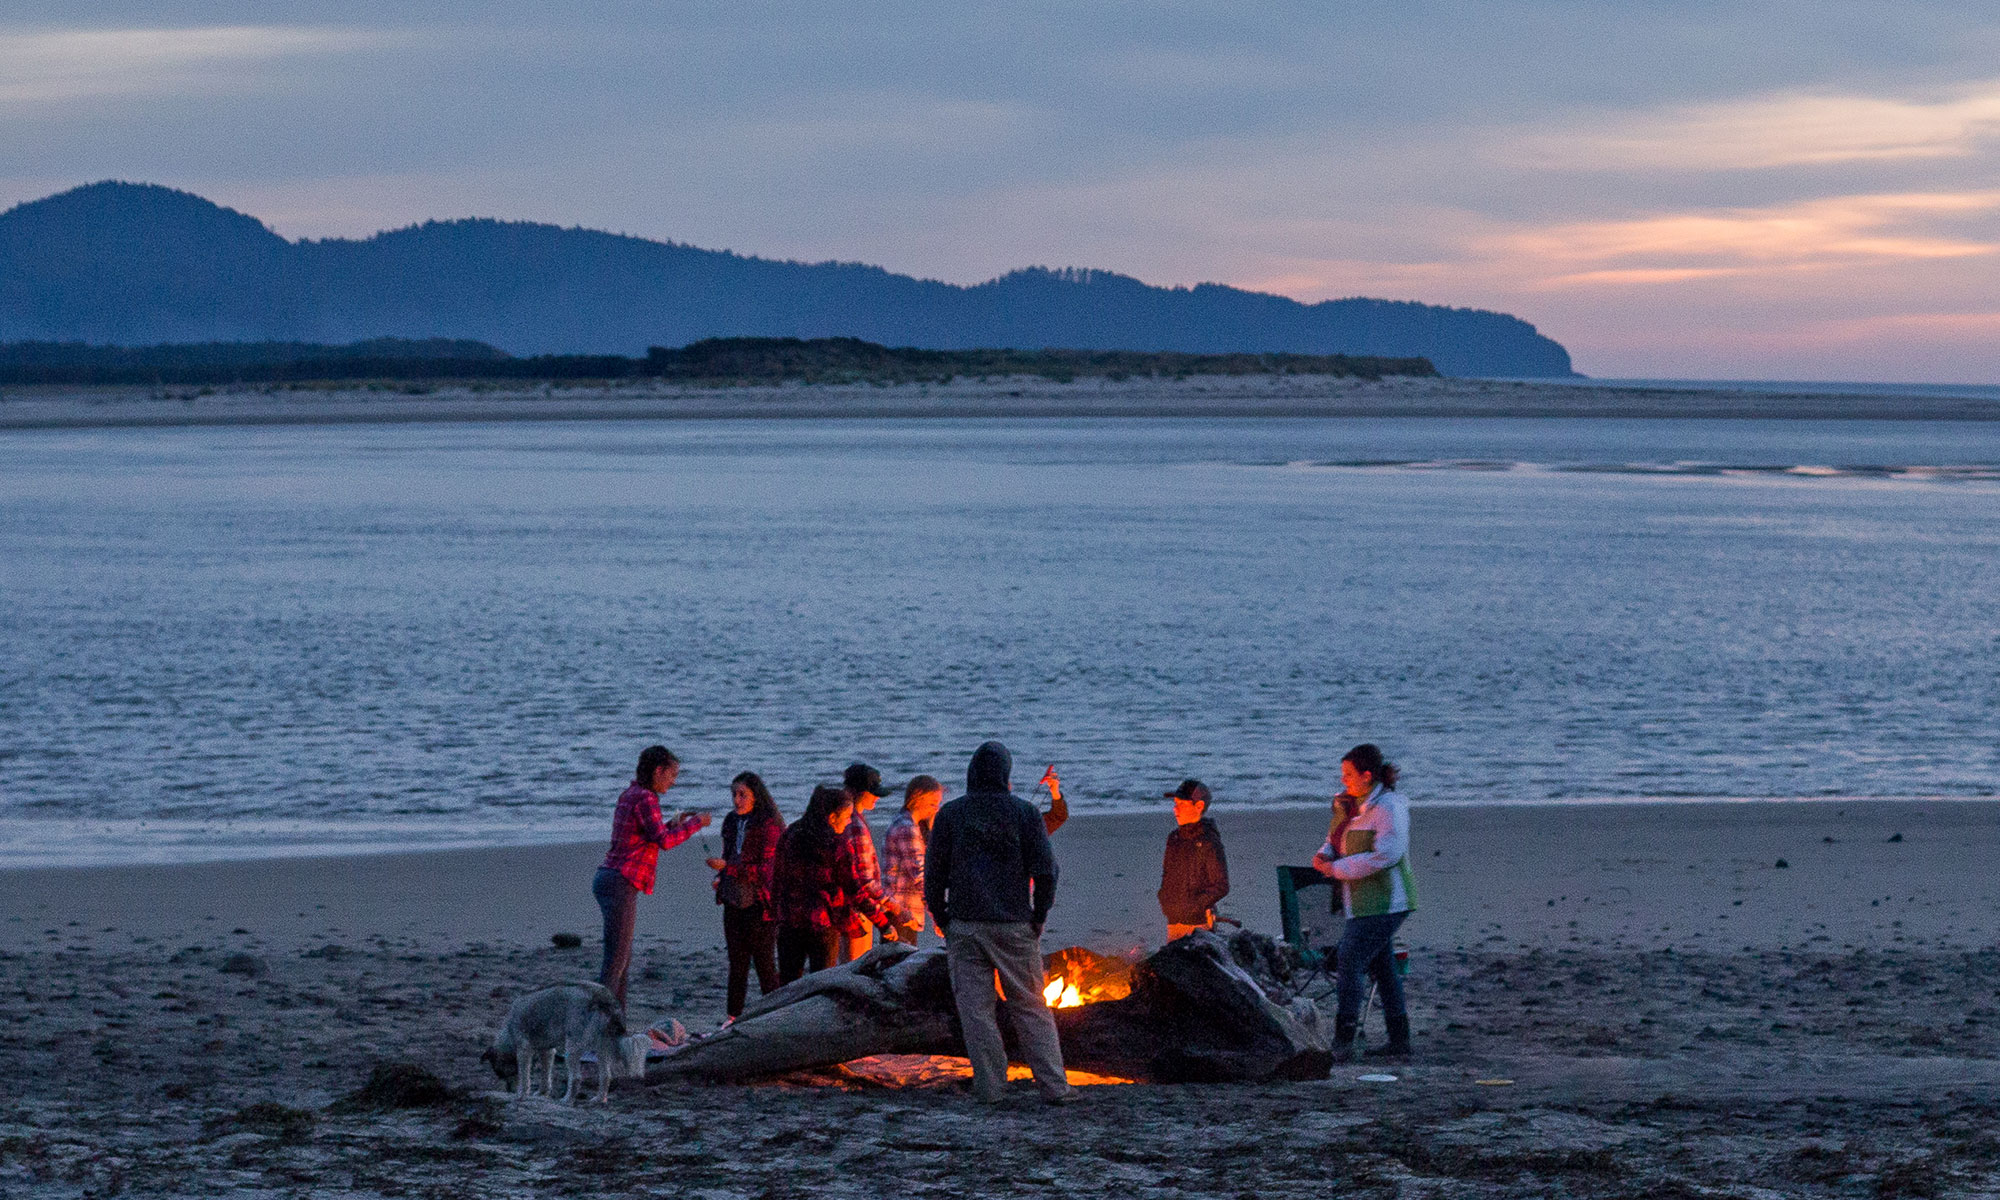 beach campfire evening